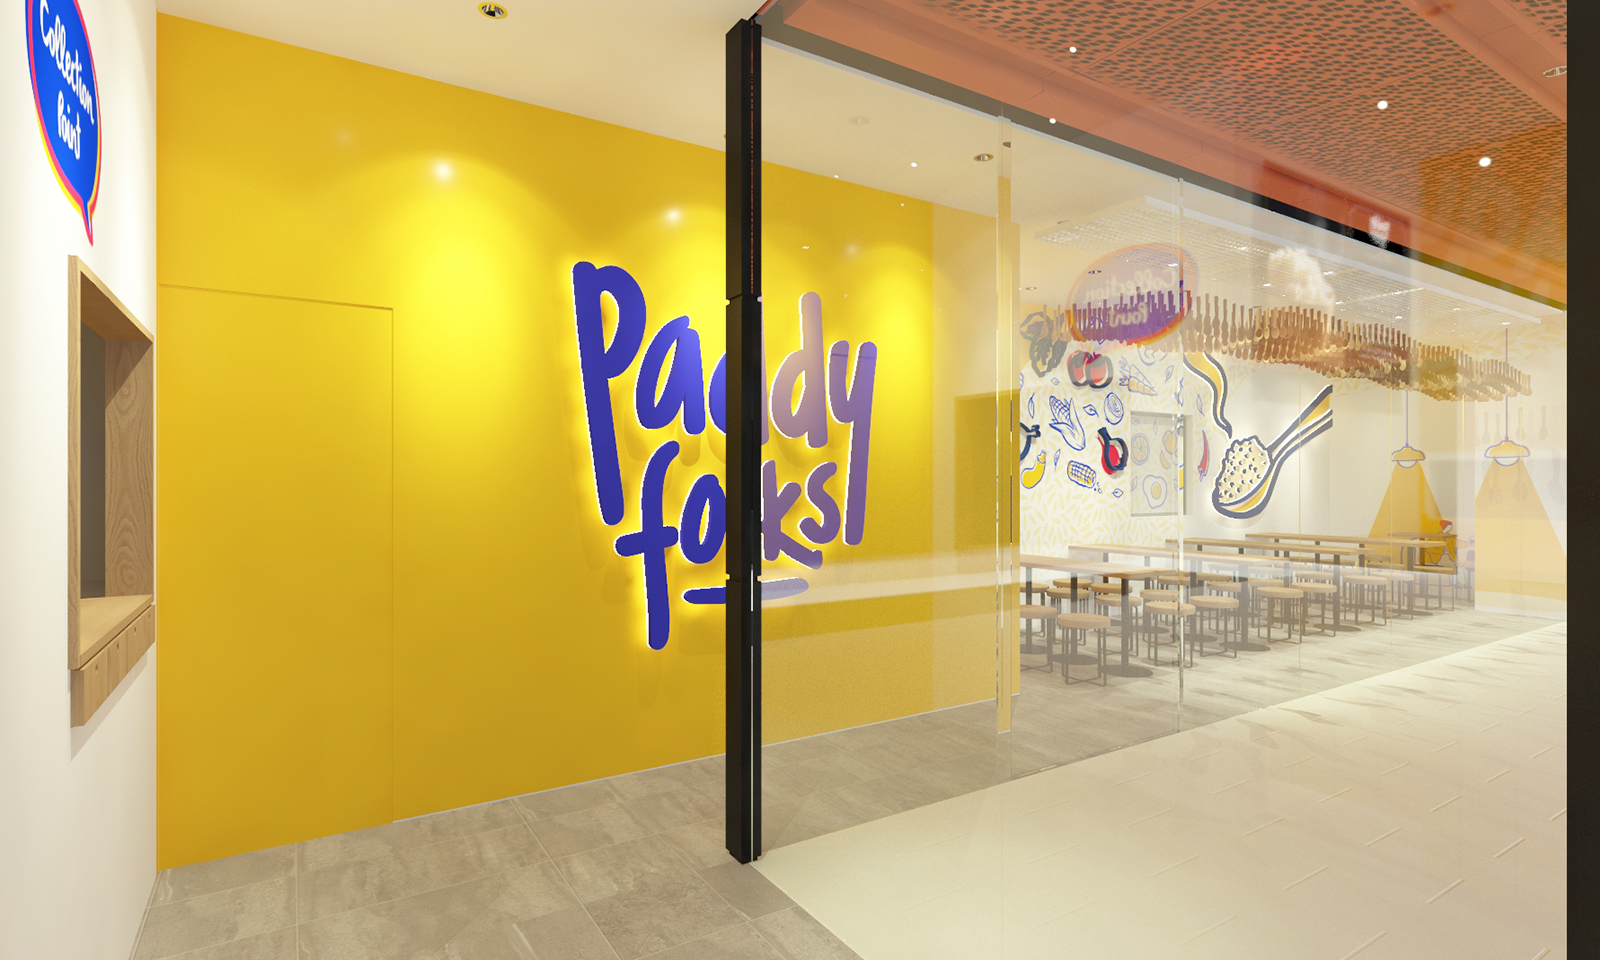 paddyfolks-interior-2.jpg